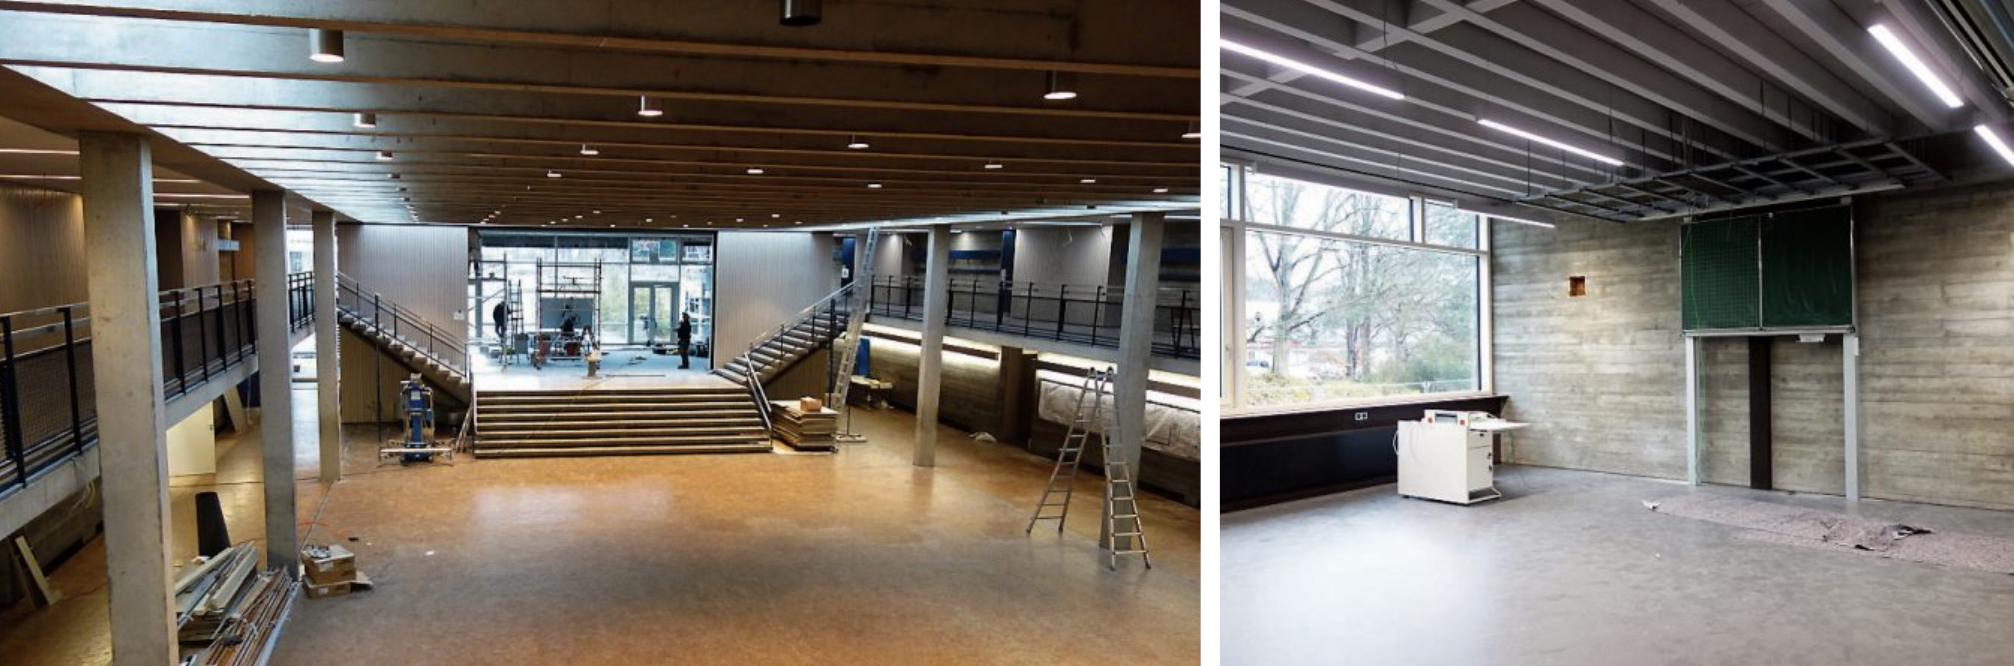 Die Aula (links) bildet das Herzstück der sanierten Friedrich-List-Schule. Alle Klassenräume (rechts) sind nahezu quadratisch geschnitten